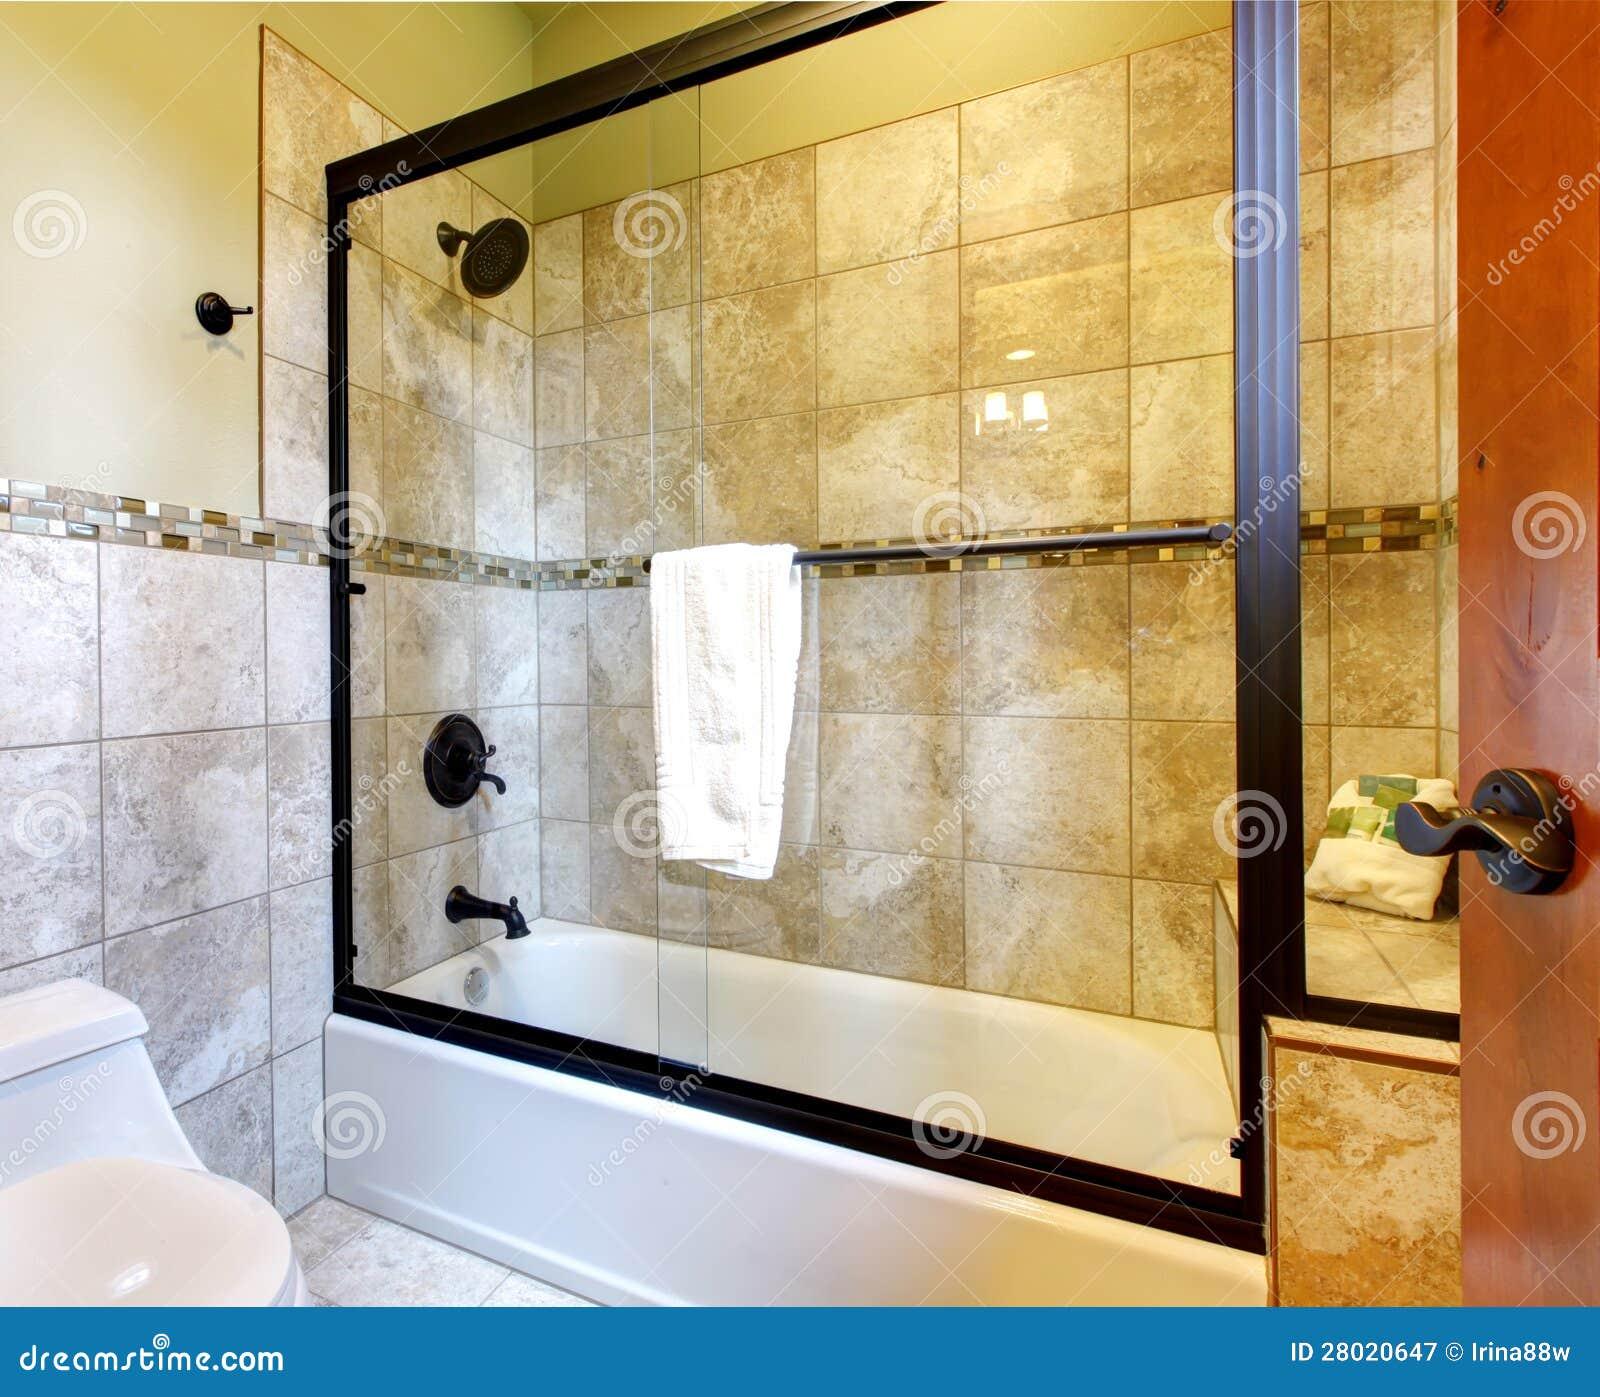 hochwertige duschen badewanne mit stein stockbild bild. Black Bedroom Furniture Sets. Home Design Ideas